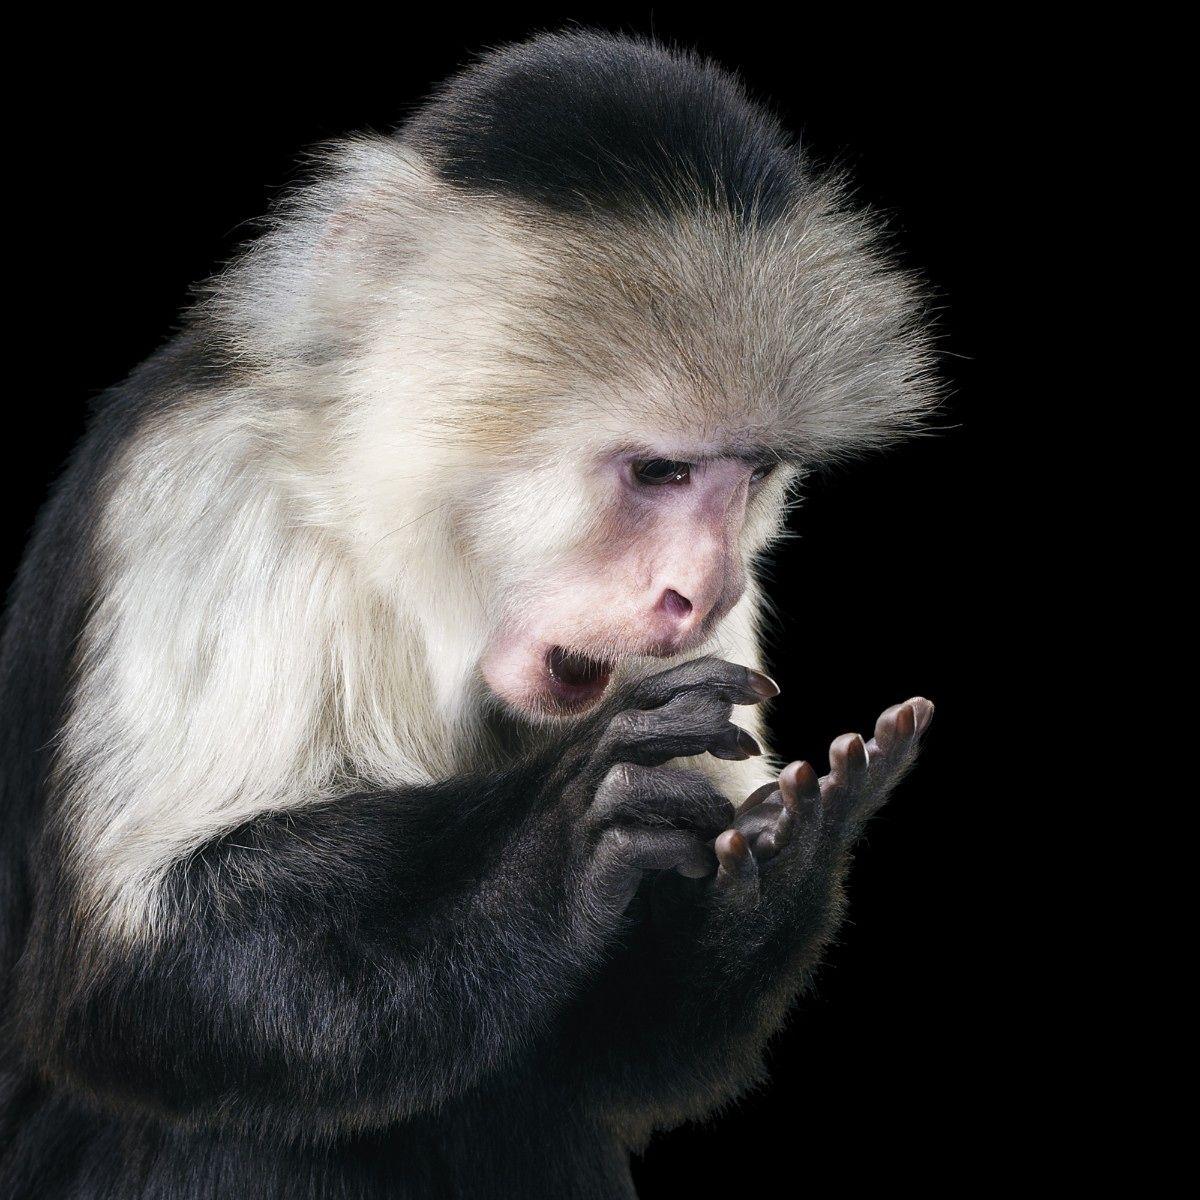 Se Tim Flachs Spektakulære Dyreportretter Her Monkey Pinterest